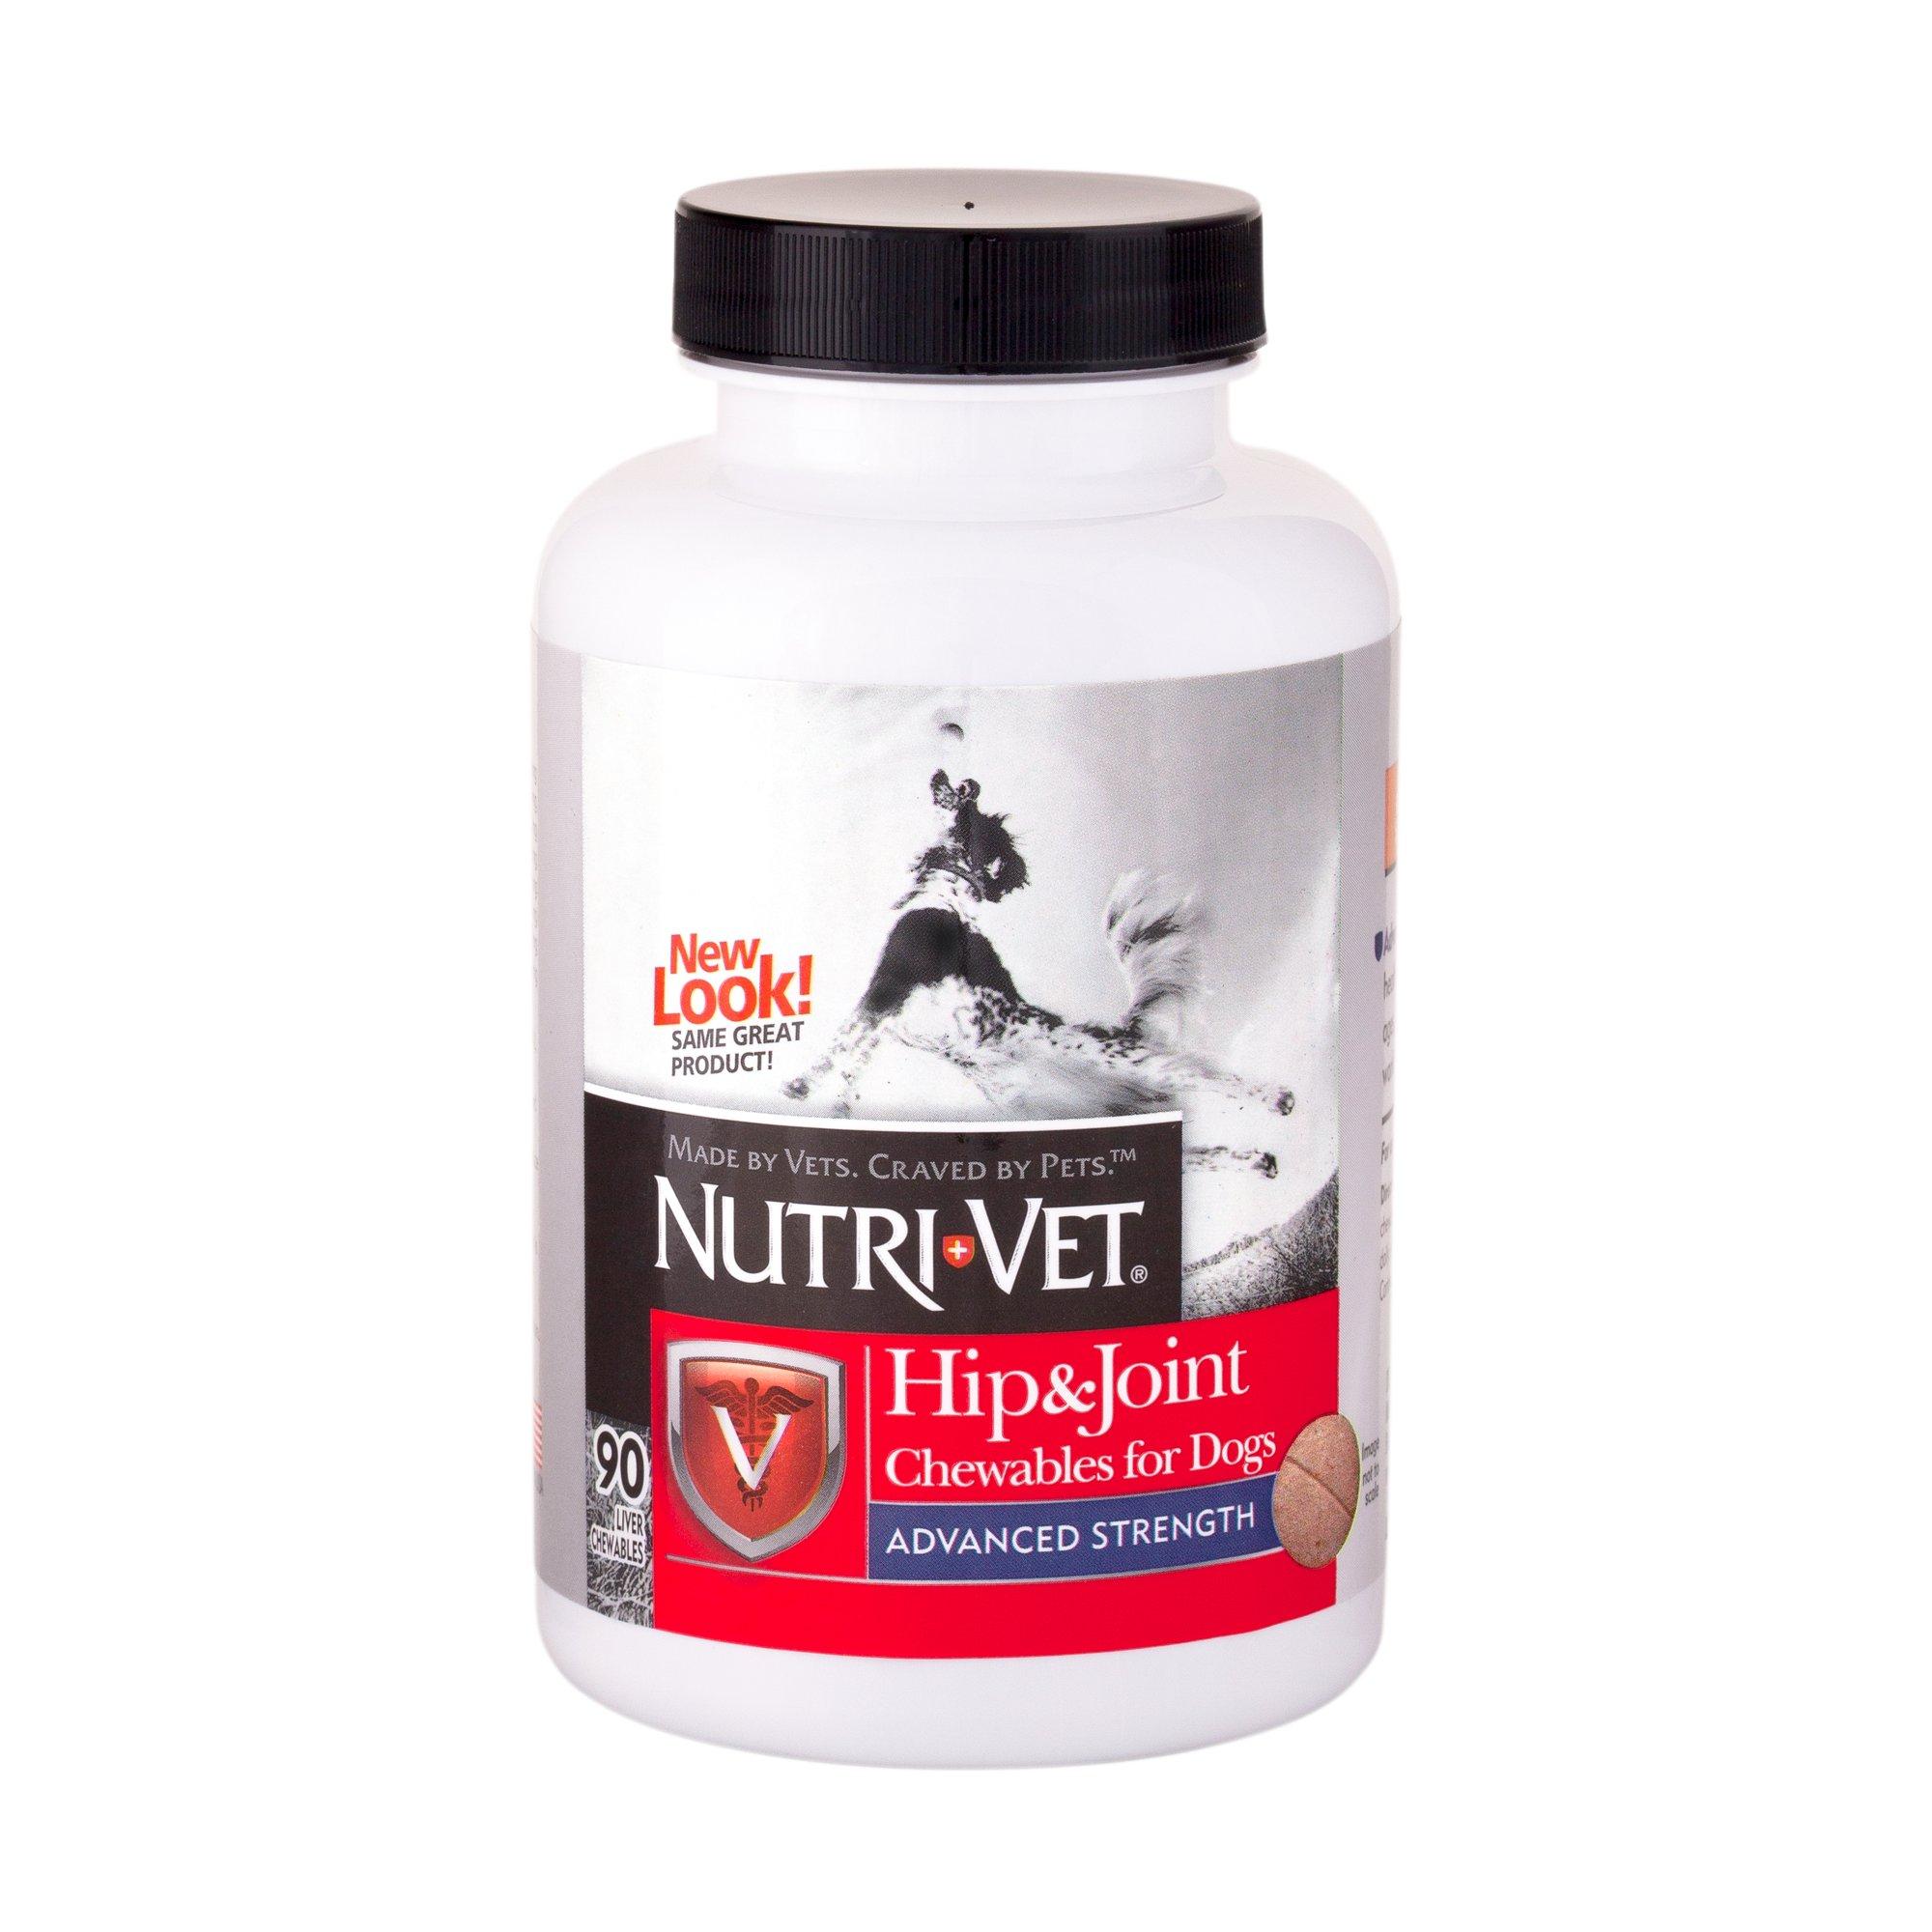 Nutri-Vet Nutritionals Veterinarian Strength Hip & Joint Maximum